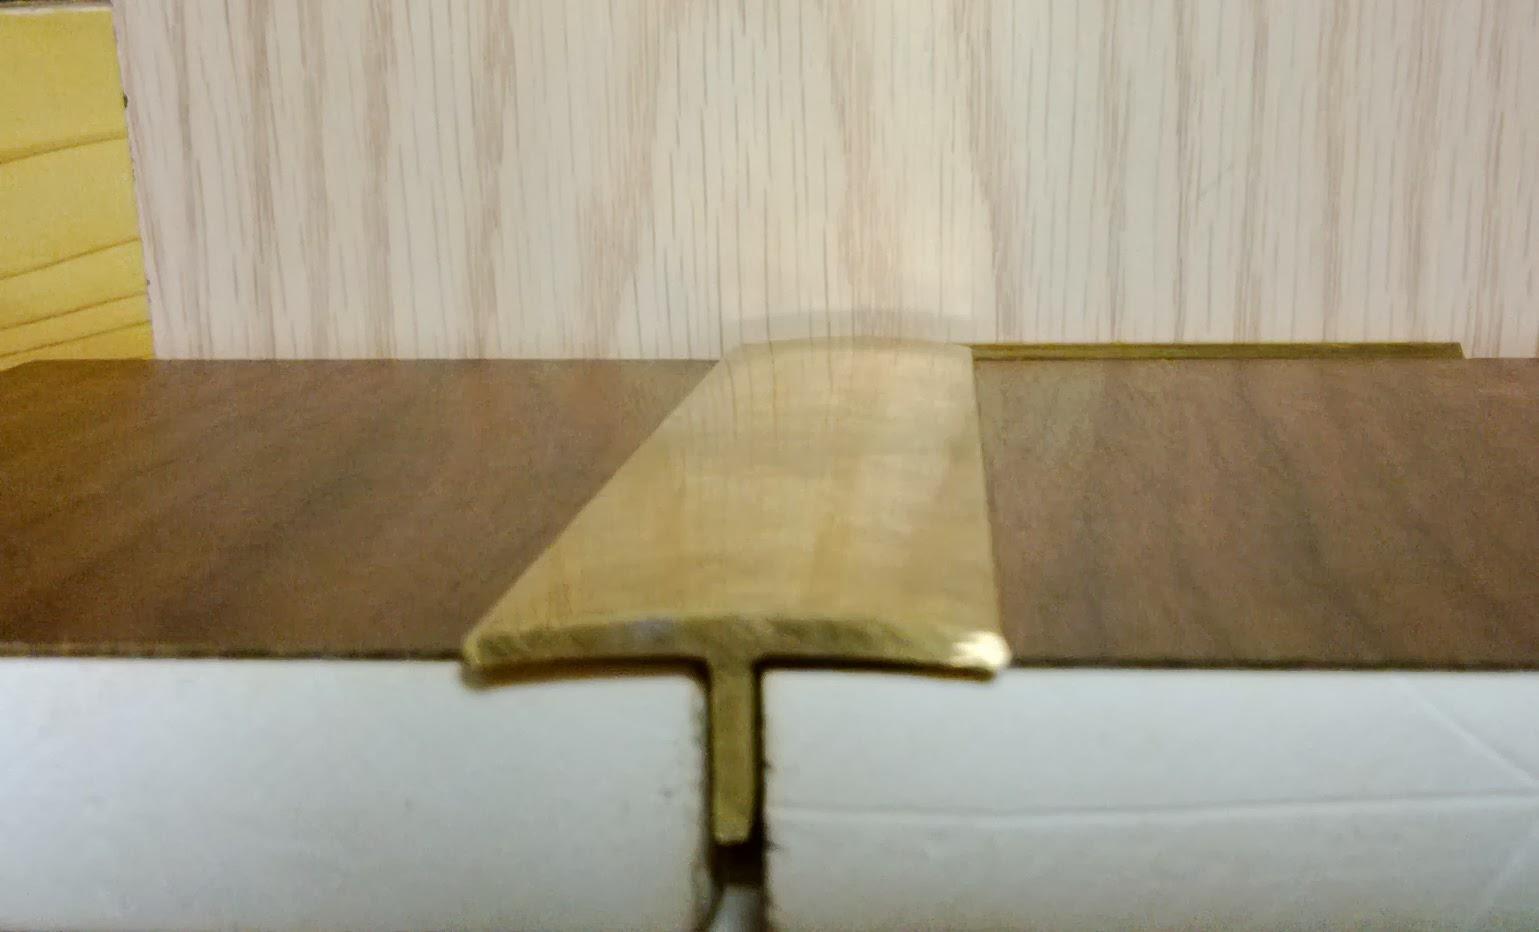 Nẹp đồng sàn gỗ tự nhiên trang trí bảo vệ mép sàn